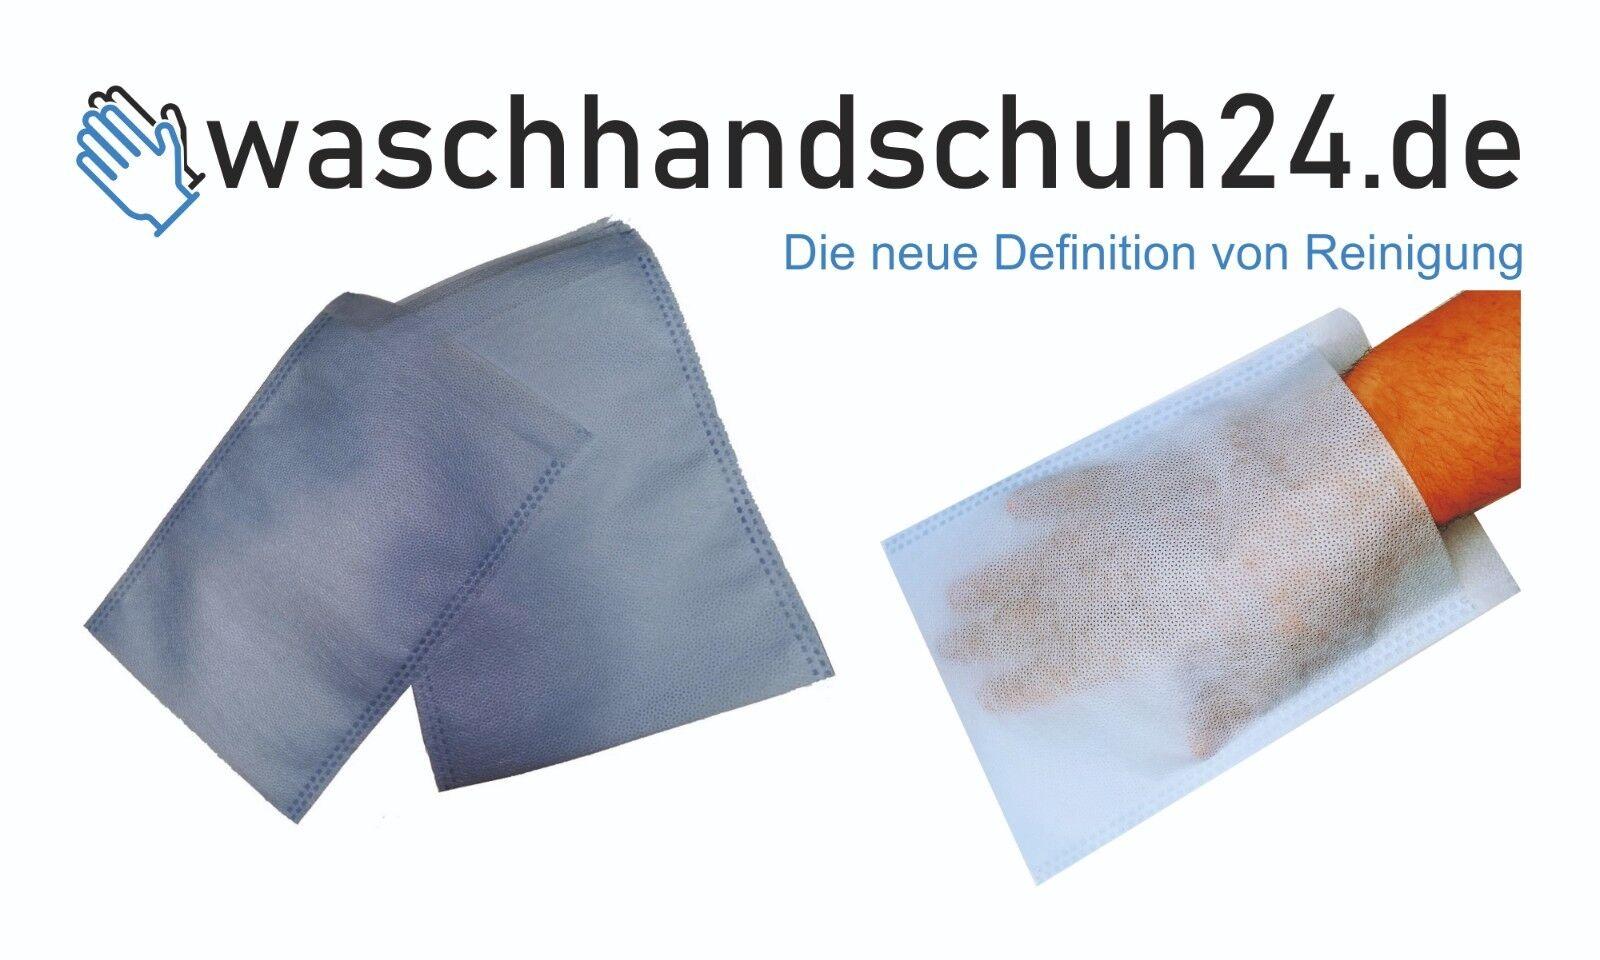 100 Waschhandschuhe Einmal-Waschlappen Pflege/Baby/Senioren - Made in Germany